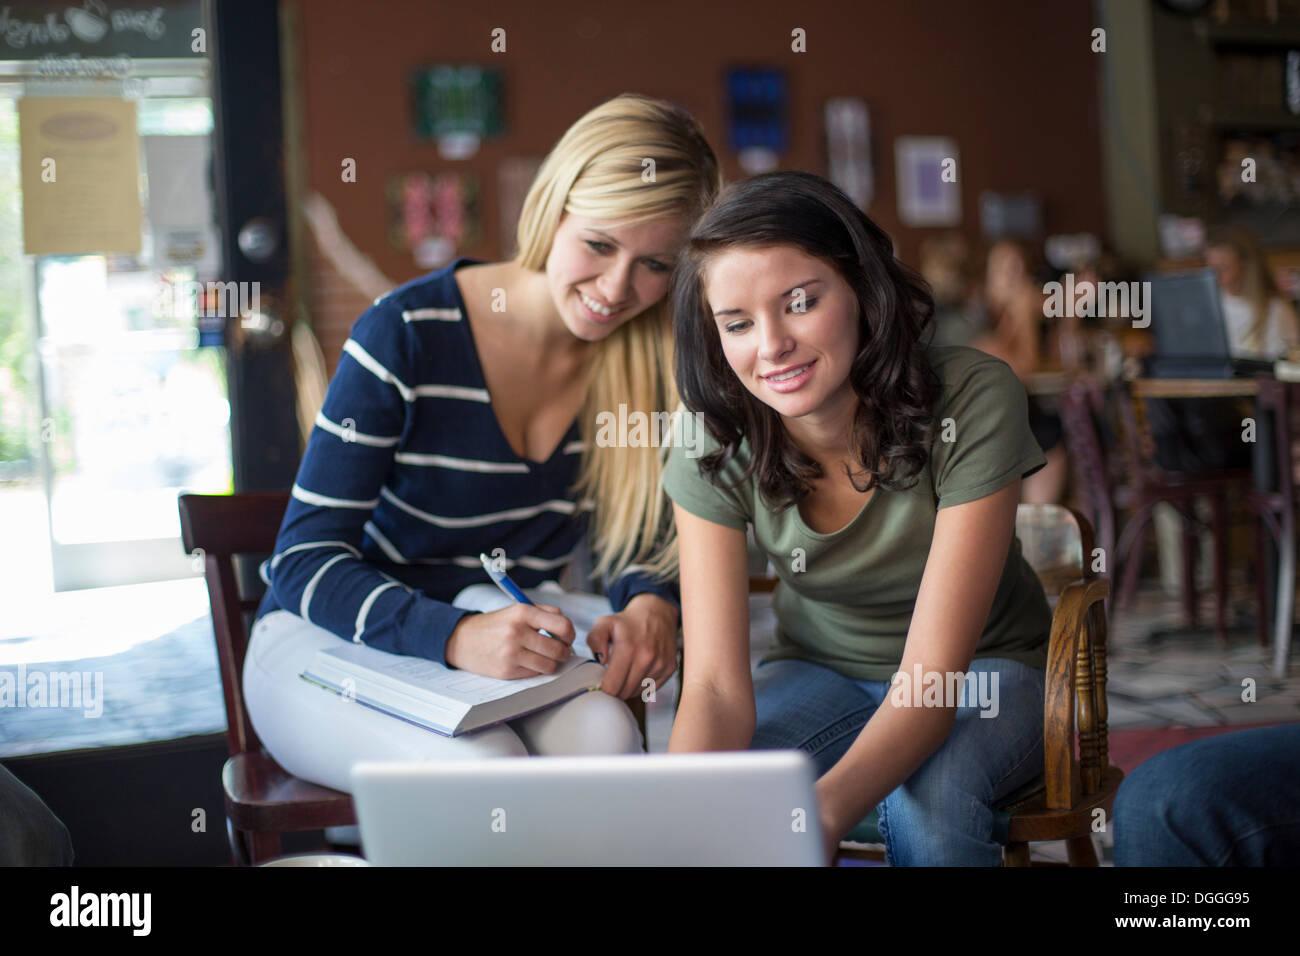 Zwei Mädchen im Teenageralter mit Lehrbüchern und Computer im café Stockbild